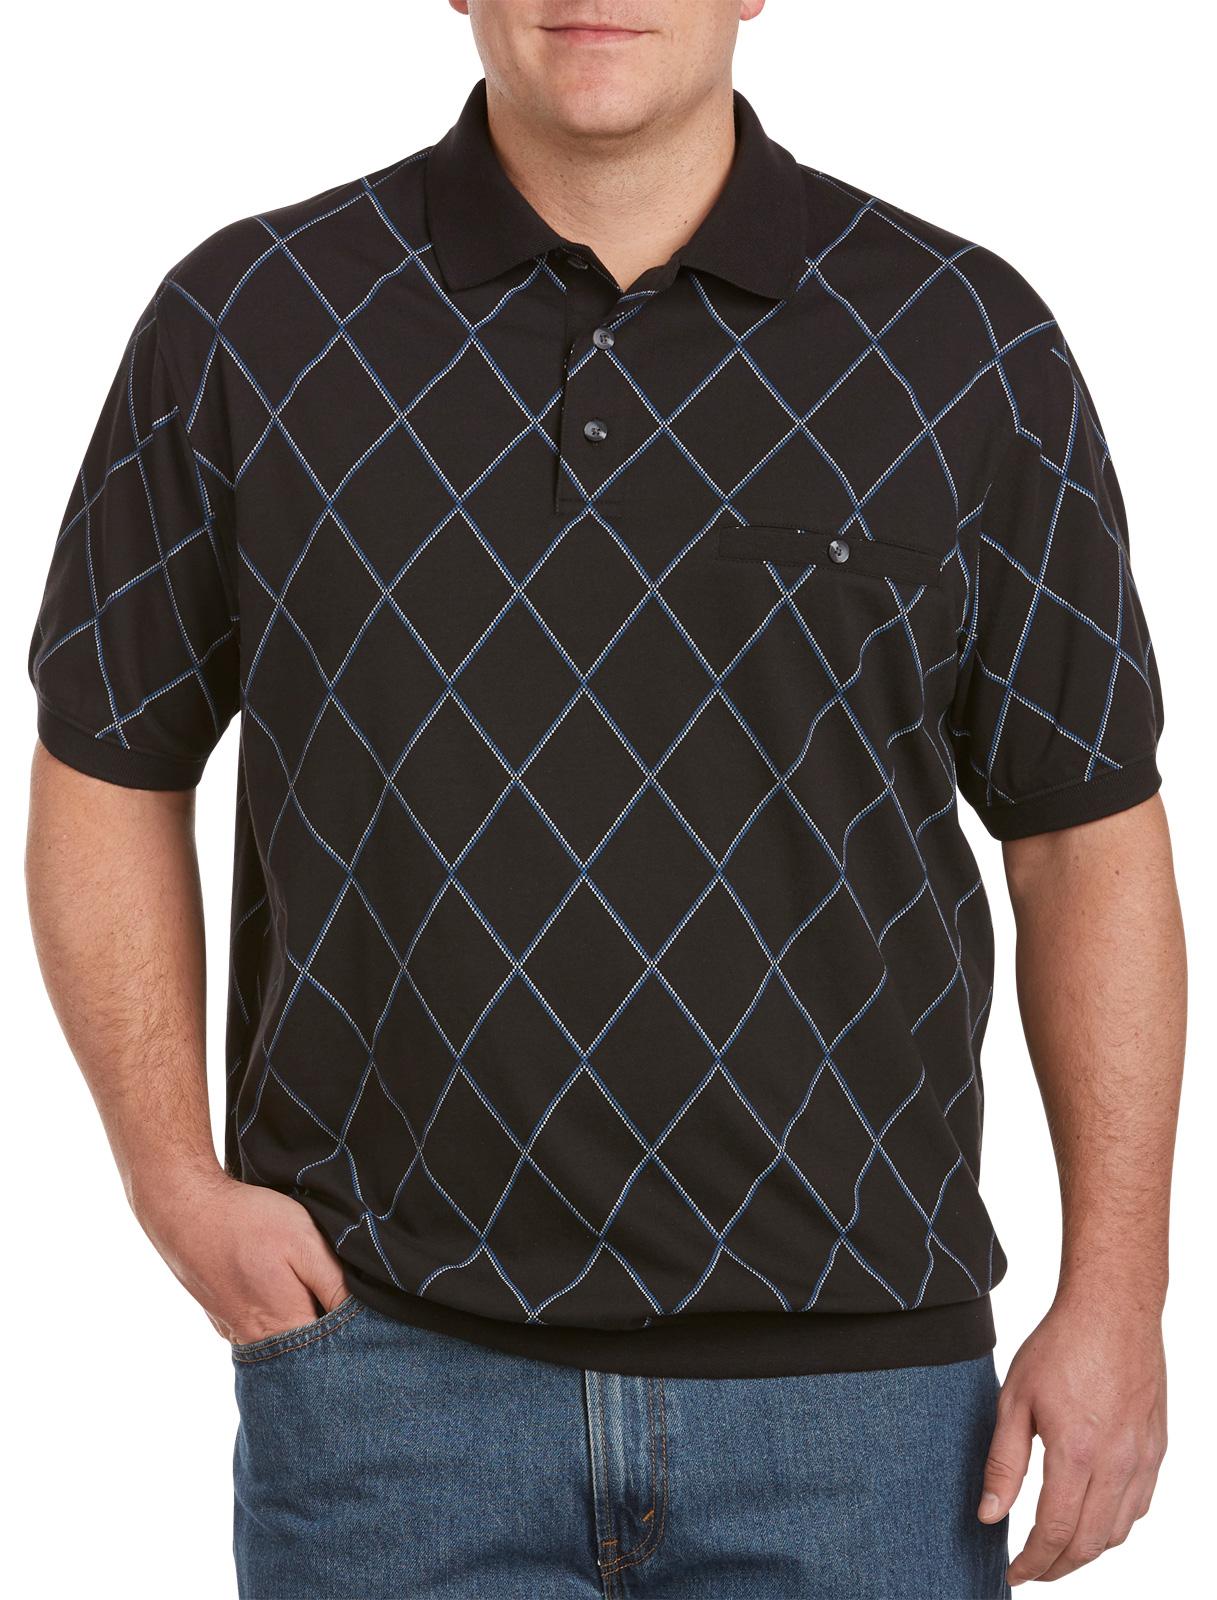 Harbor Bay Banded Bottom Shirts